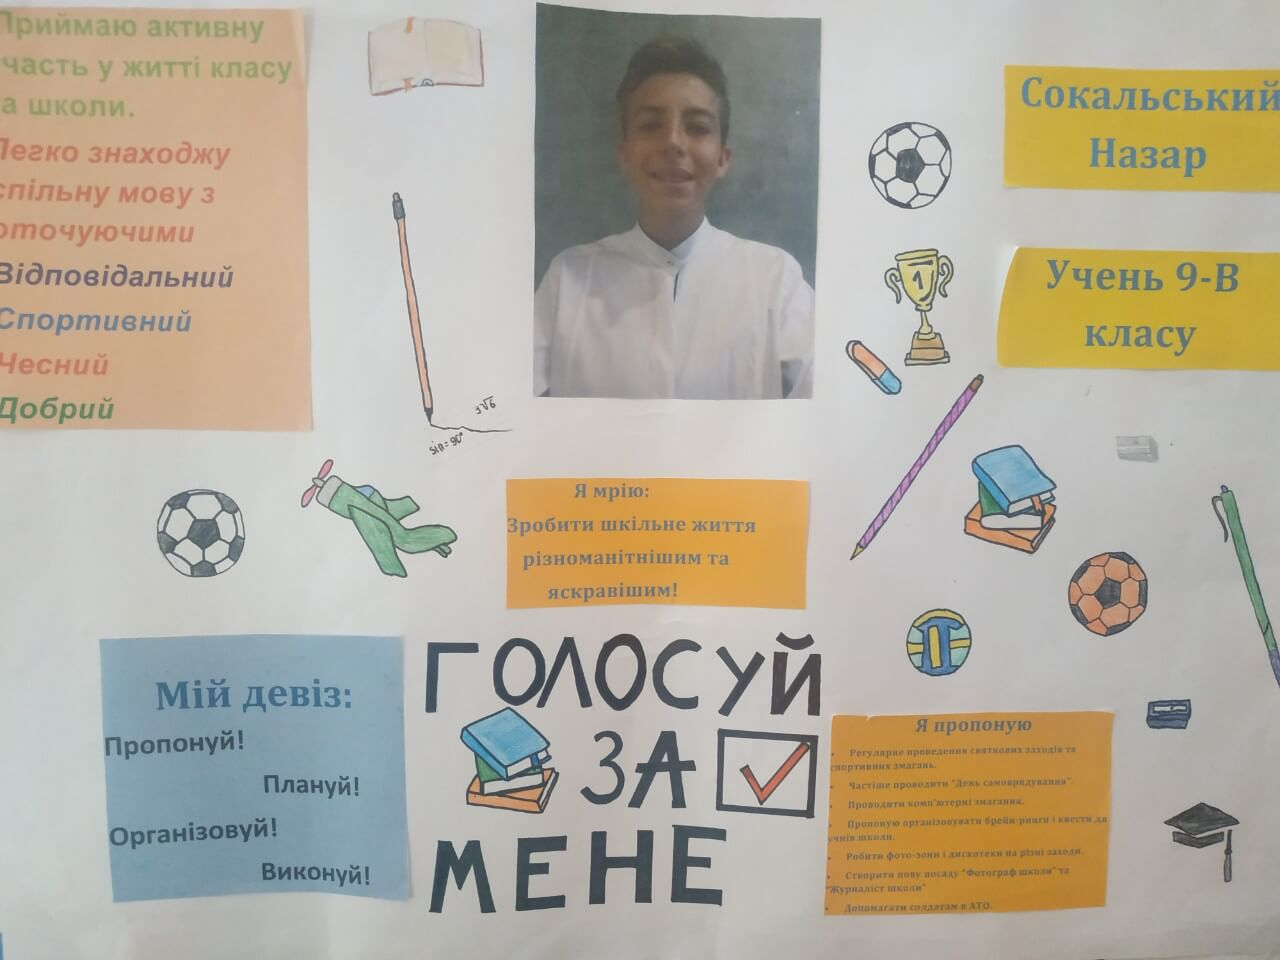 zobrazhennya viber 2019 09 18 16 17 17 - Передвиборча кампанія кандидатів на посаду Президента учнівського самоврядування